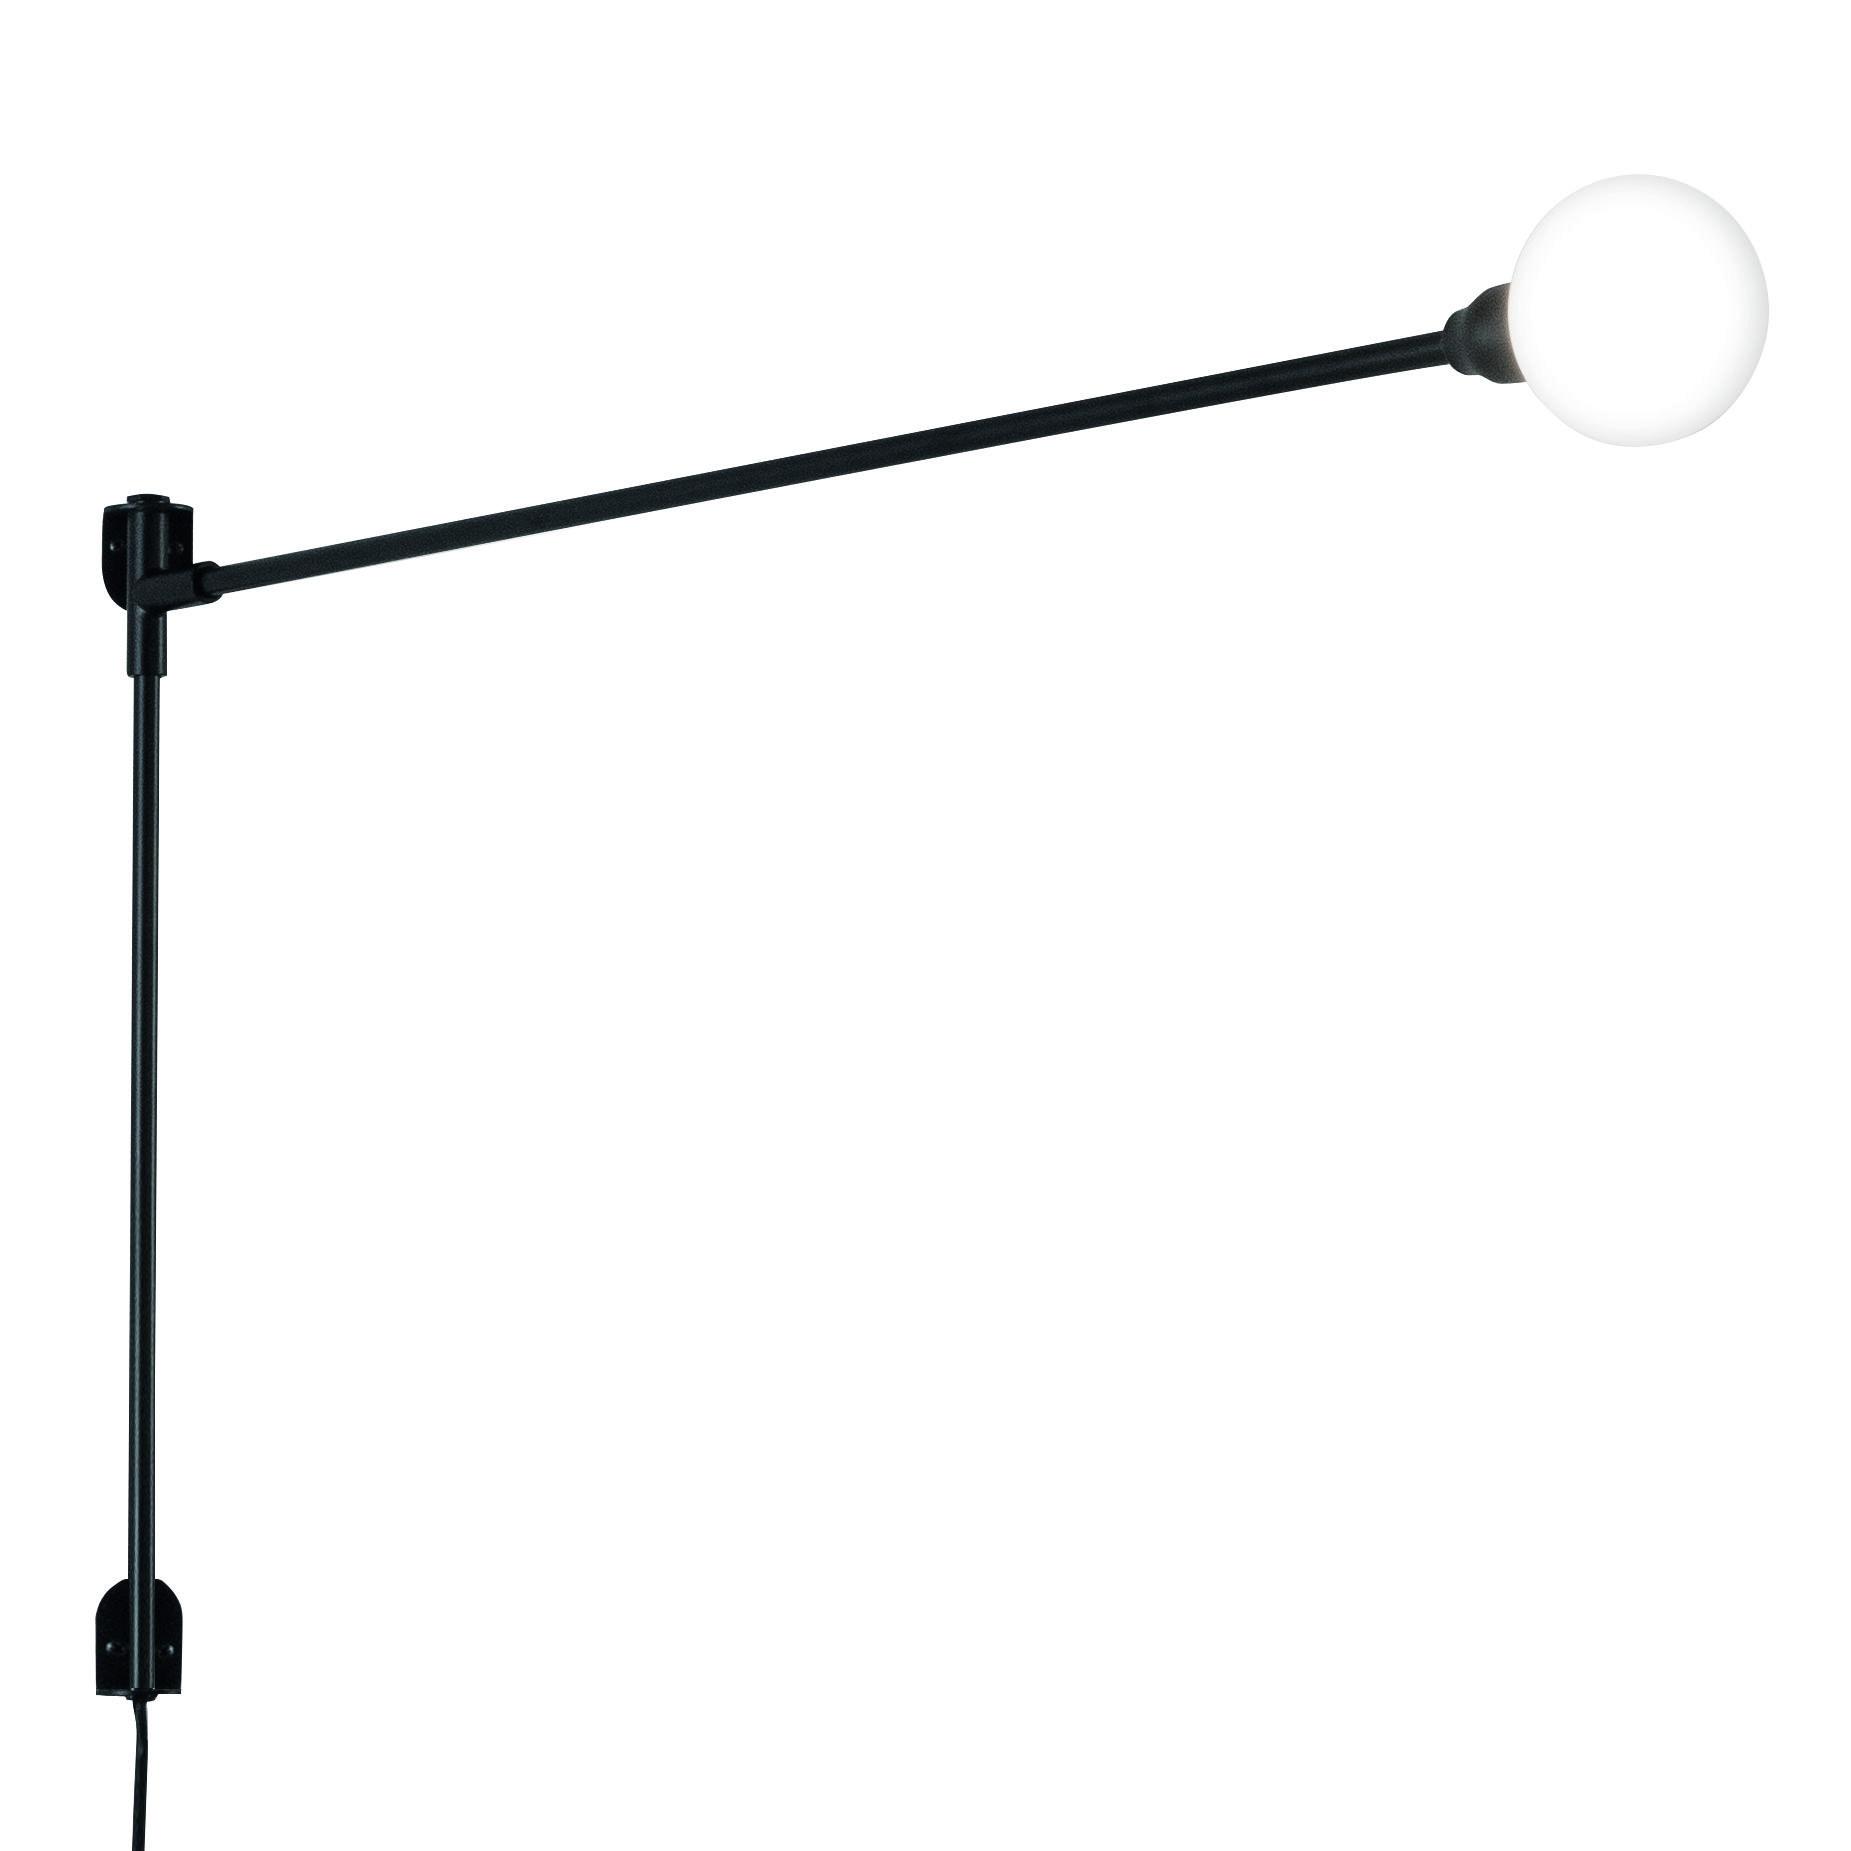 Luminaire - Appliques - Applique avec prise Potence pivotante Mini by Charlotte Perriand / L 100 cm - Nemo - L 100 cm / Noir - Métal peint, Verre